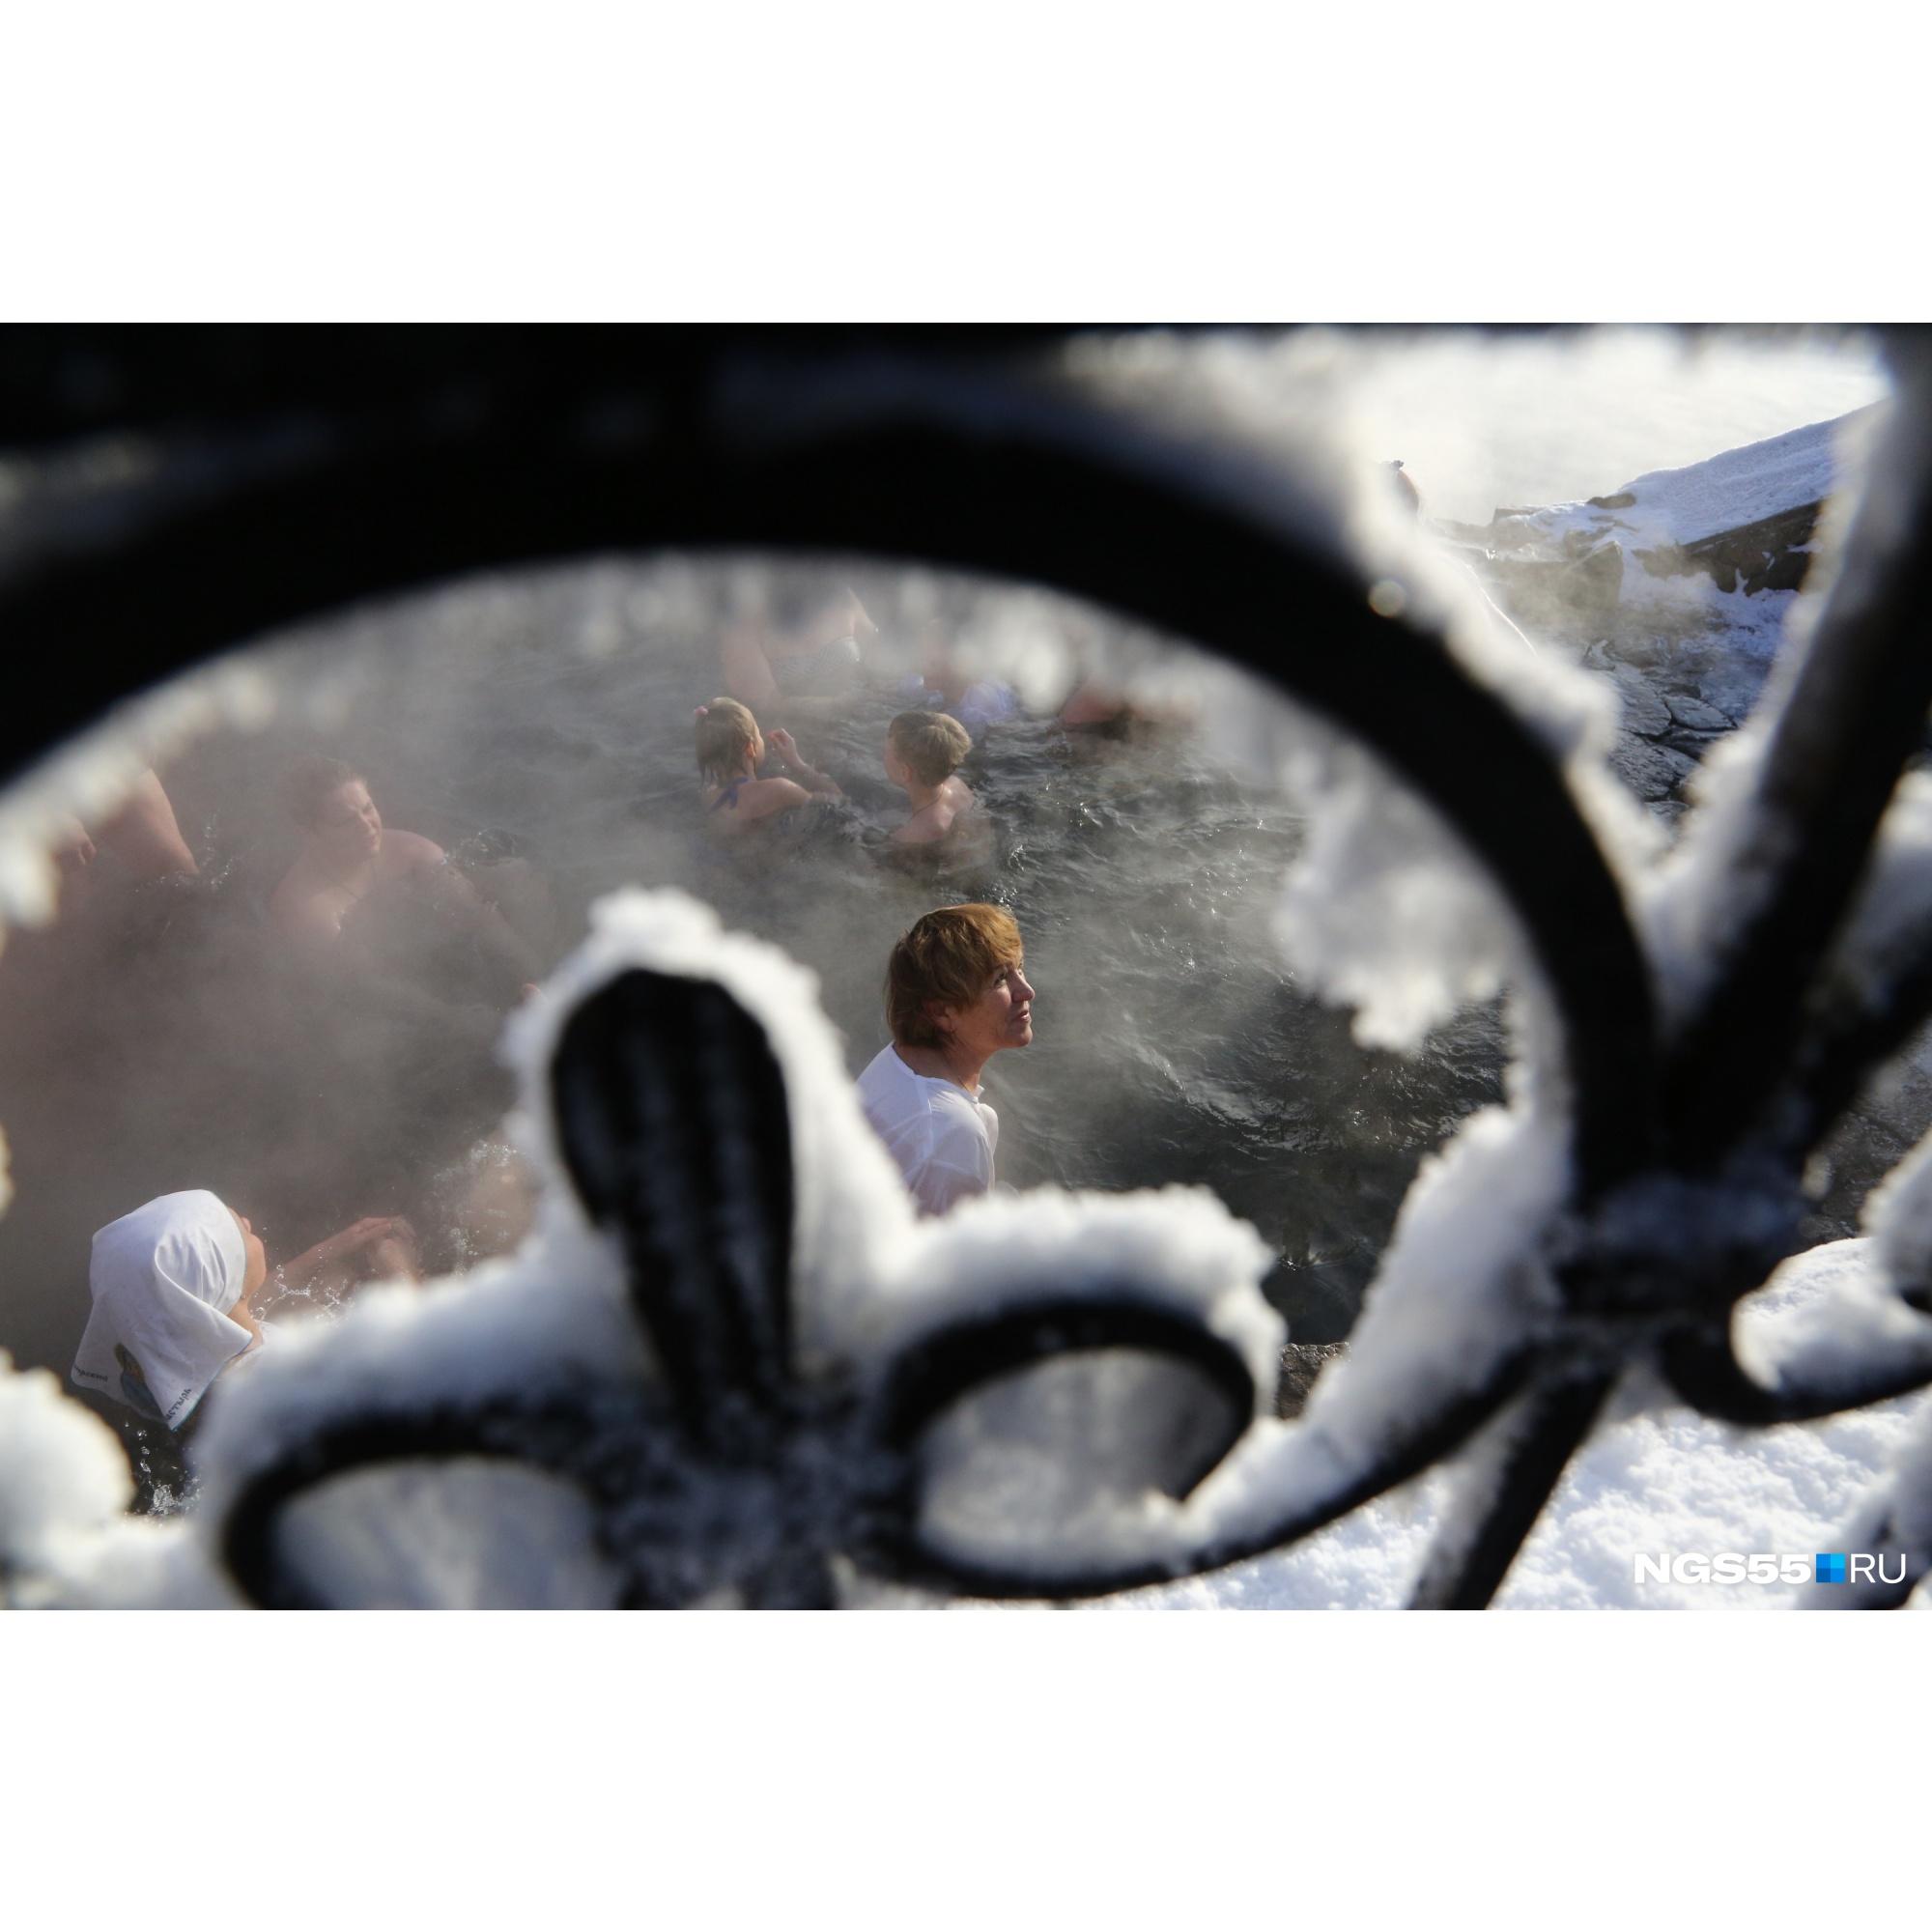 Тем временем в Ачаирском монастыре люди беззаботно радуются жизни в теплом источнике